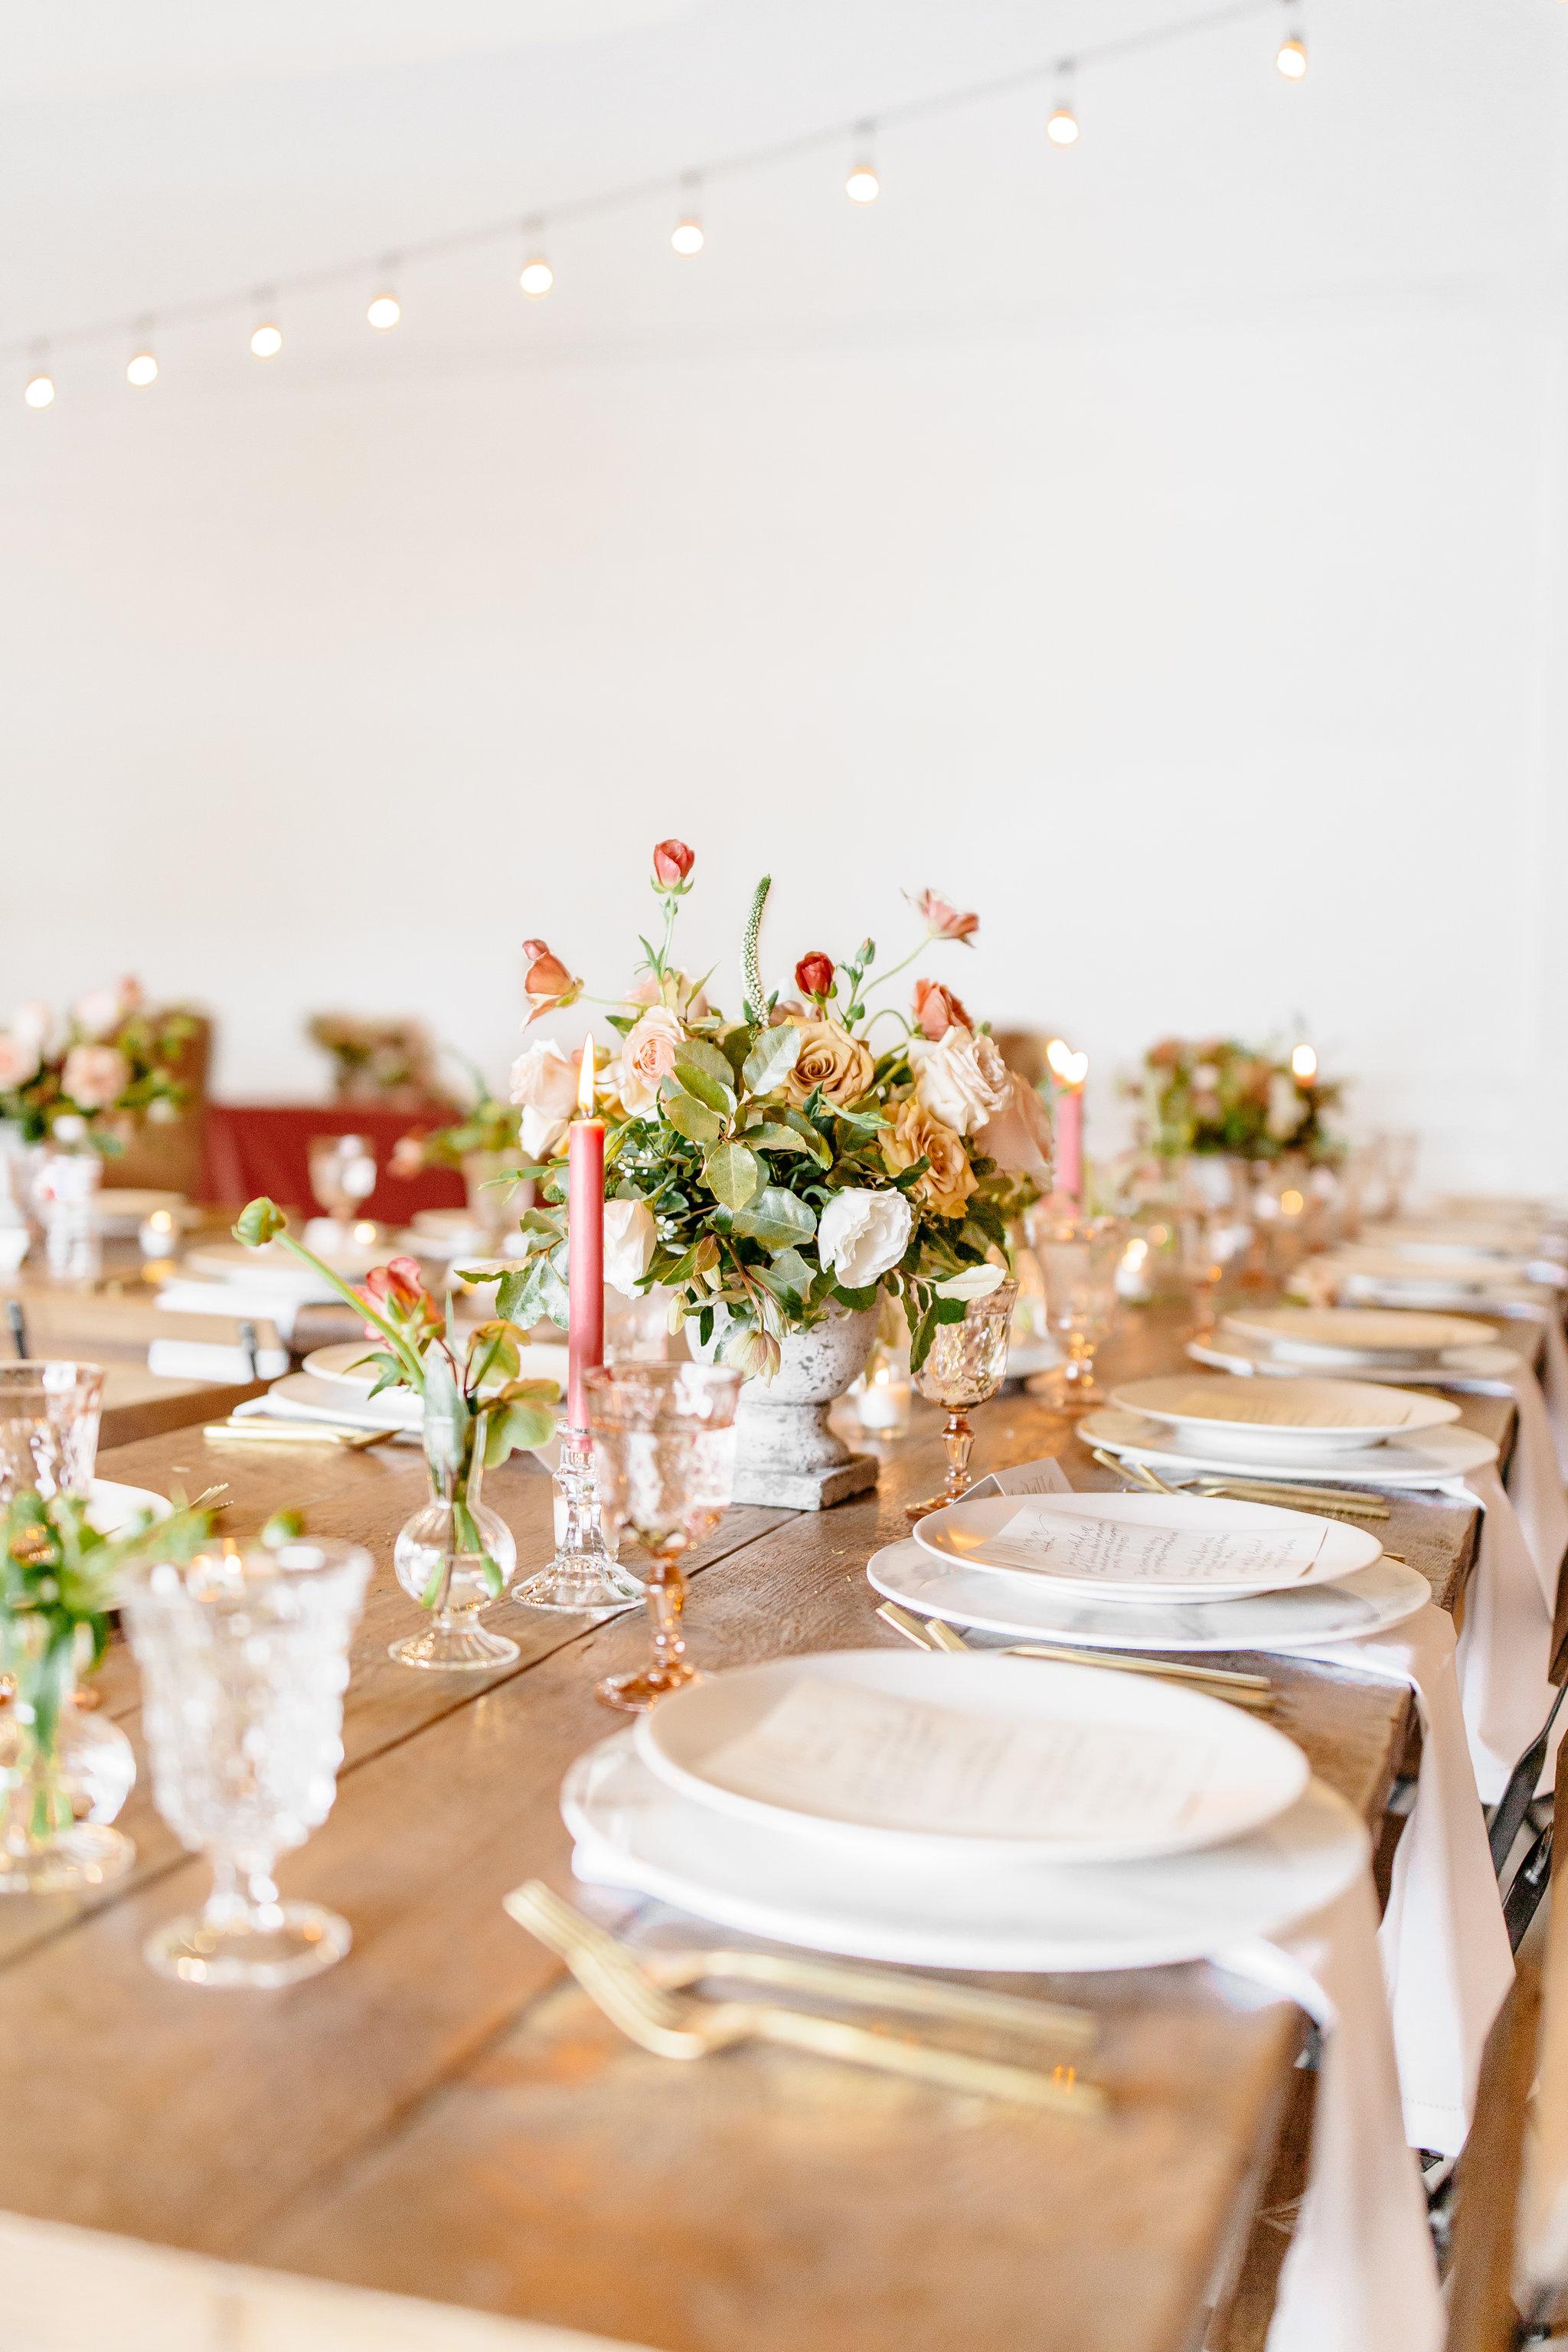 Alexa-Vossler-Photo_Dallas-Wedding-Photographer_Photoshoot-at-the-Station-McKinney_Empower-Event-89.jpg